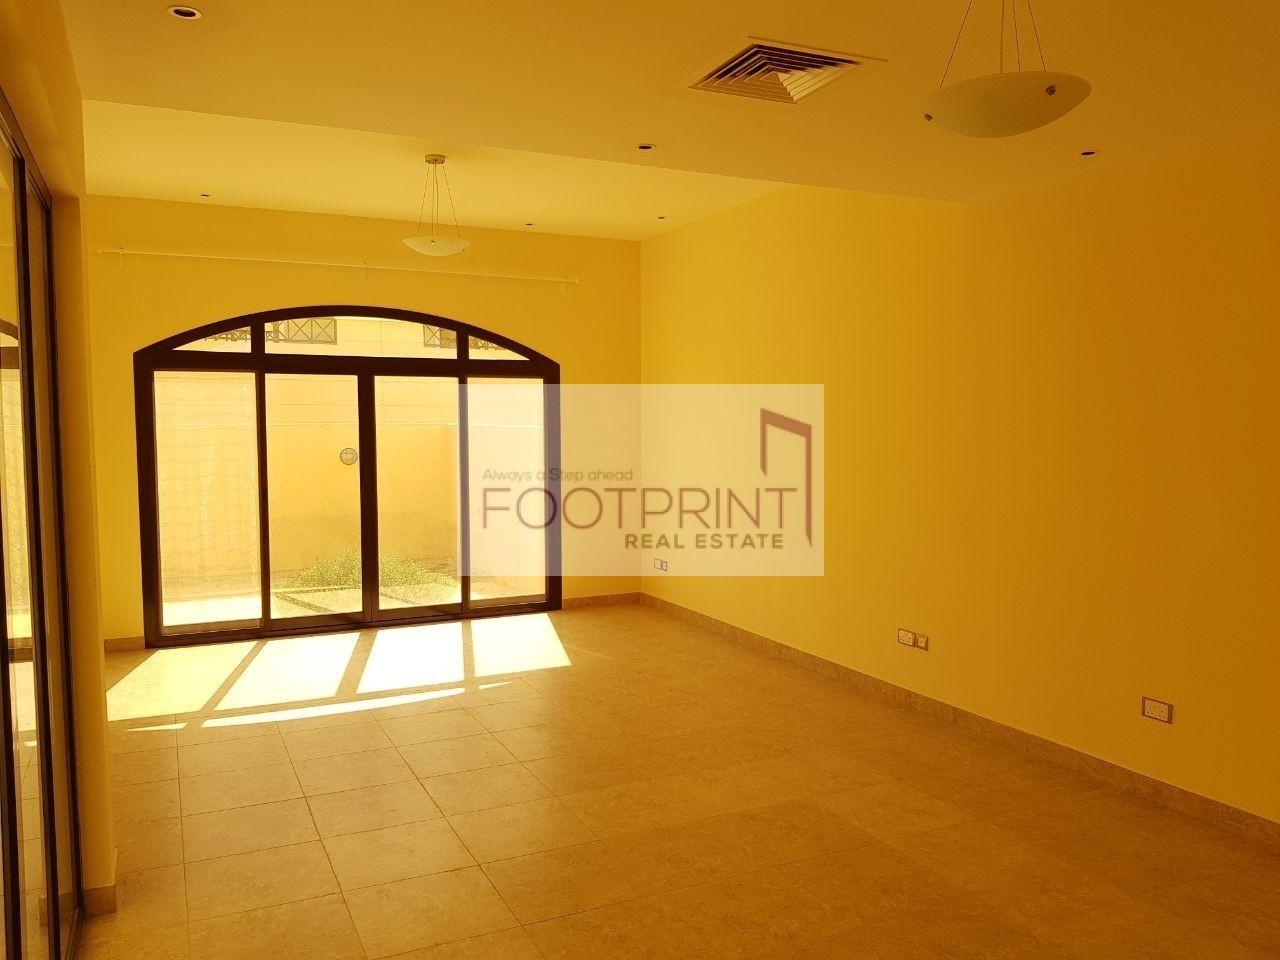 Ugrent sale 3 BEDROOM villa for Just 2.7